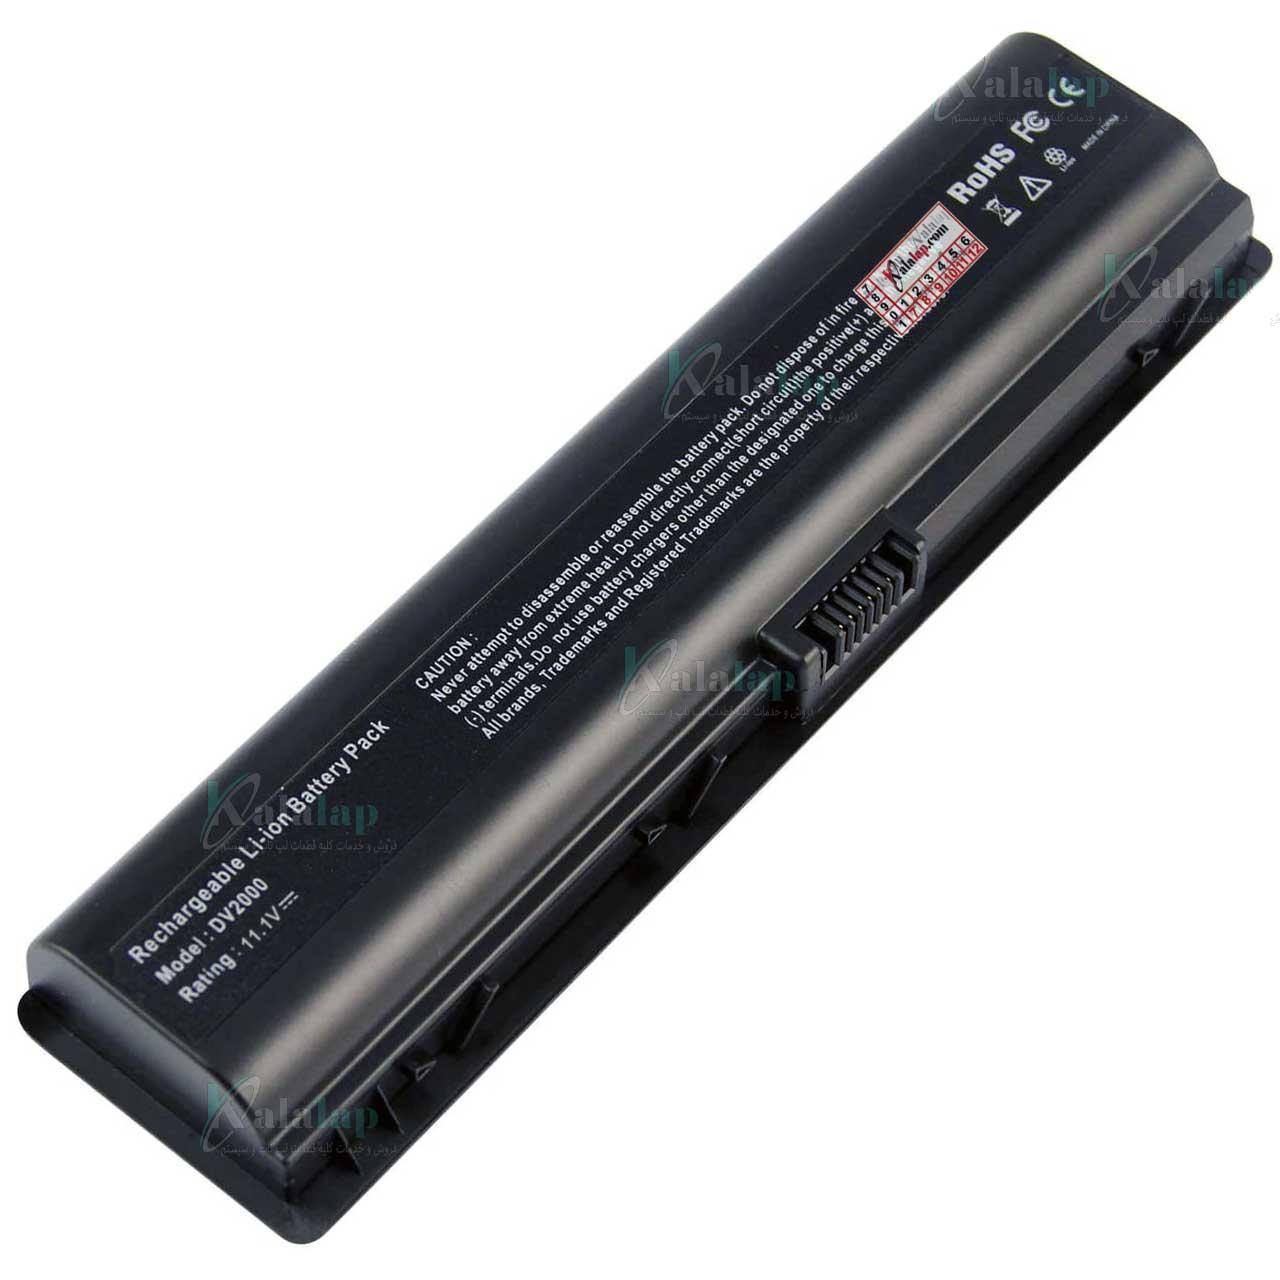 باتری لپ تاپ اچ پی Battery Laptop HP DV2000